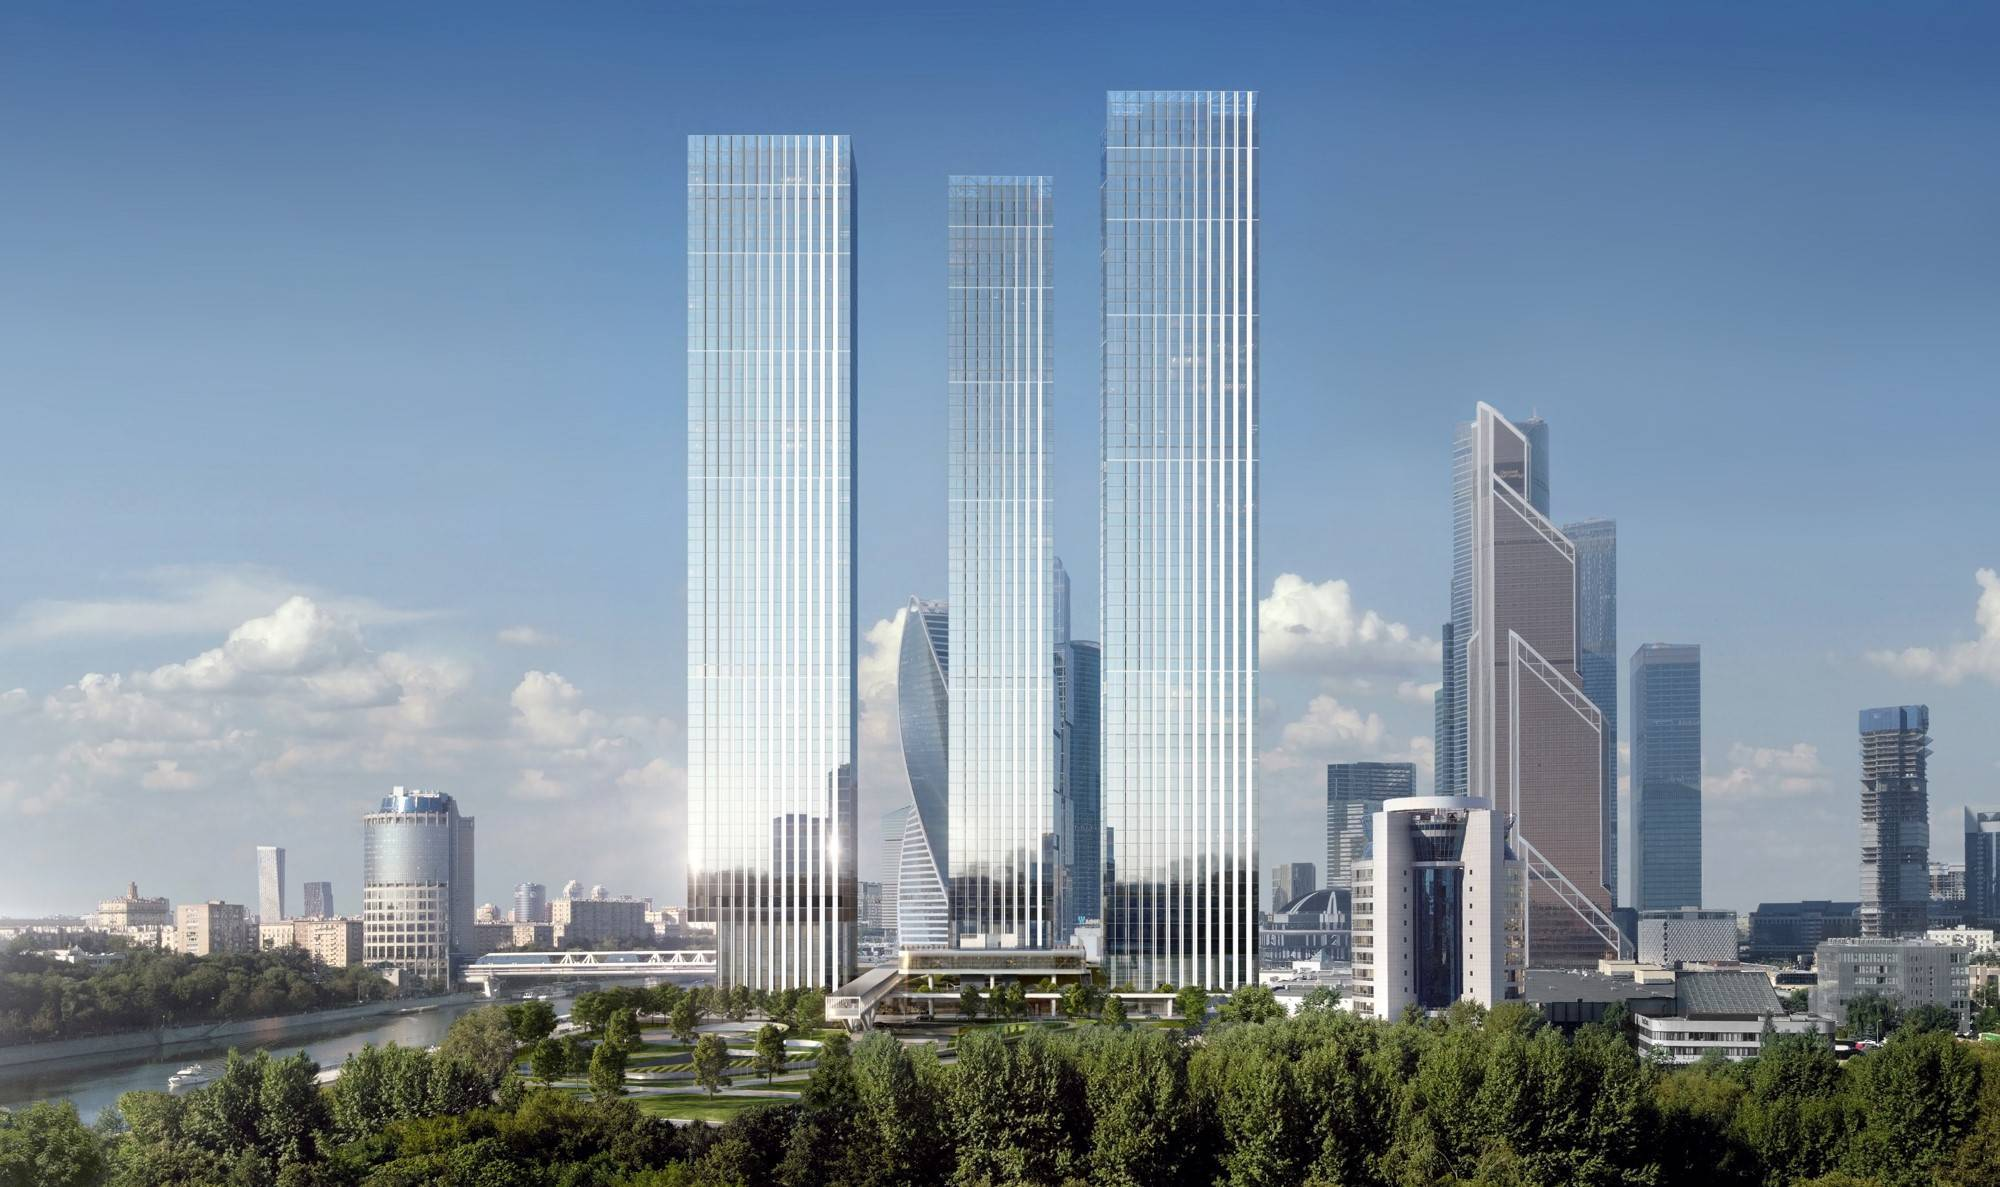 Проект Capital Group стал частью экспозиции знаковых проектов Москвы в «Манеже»